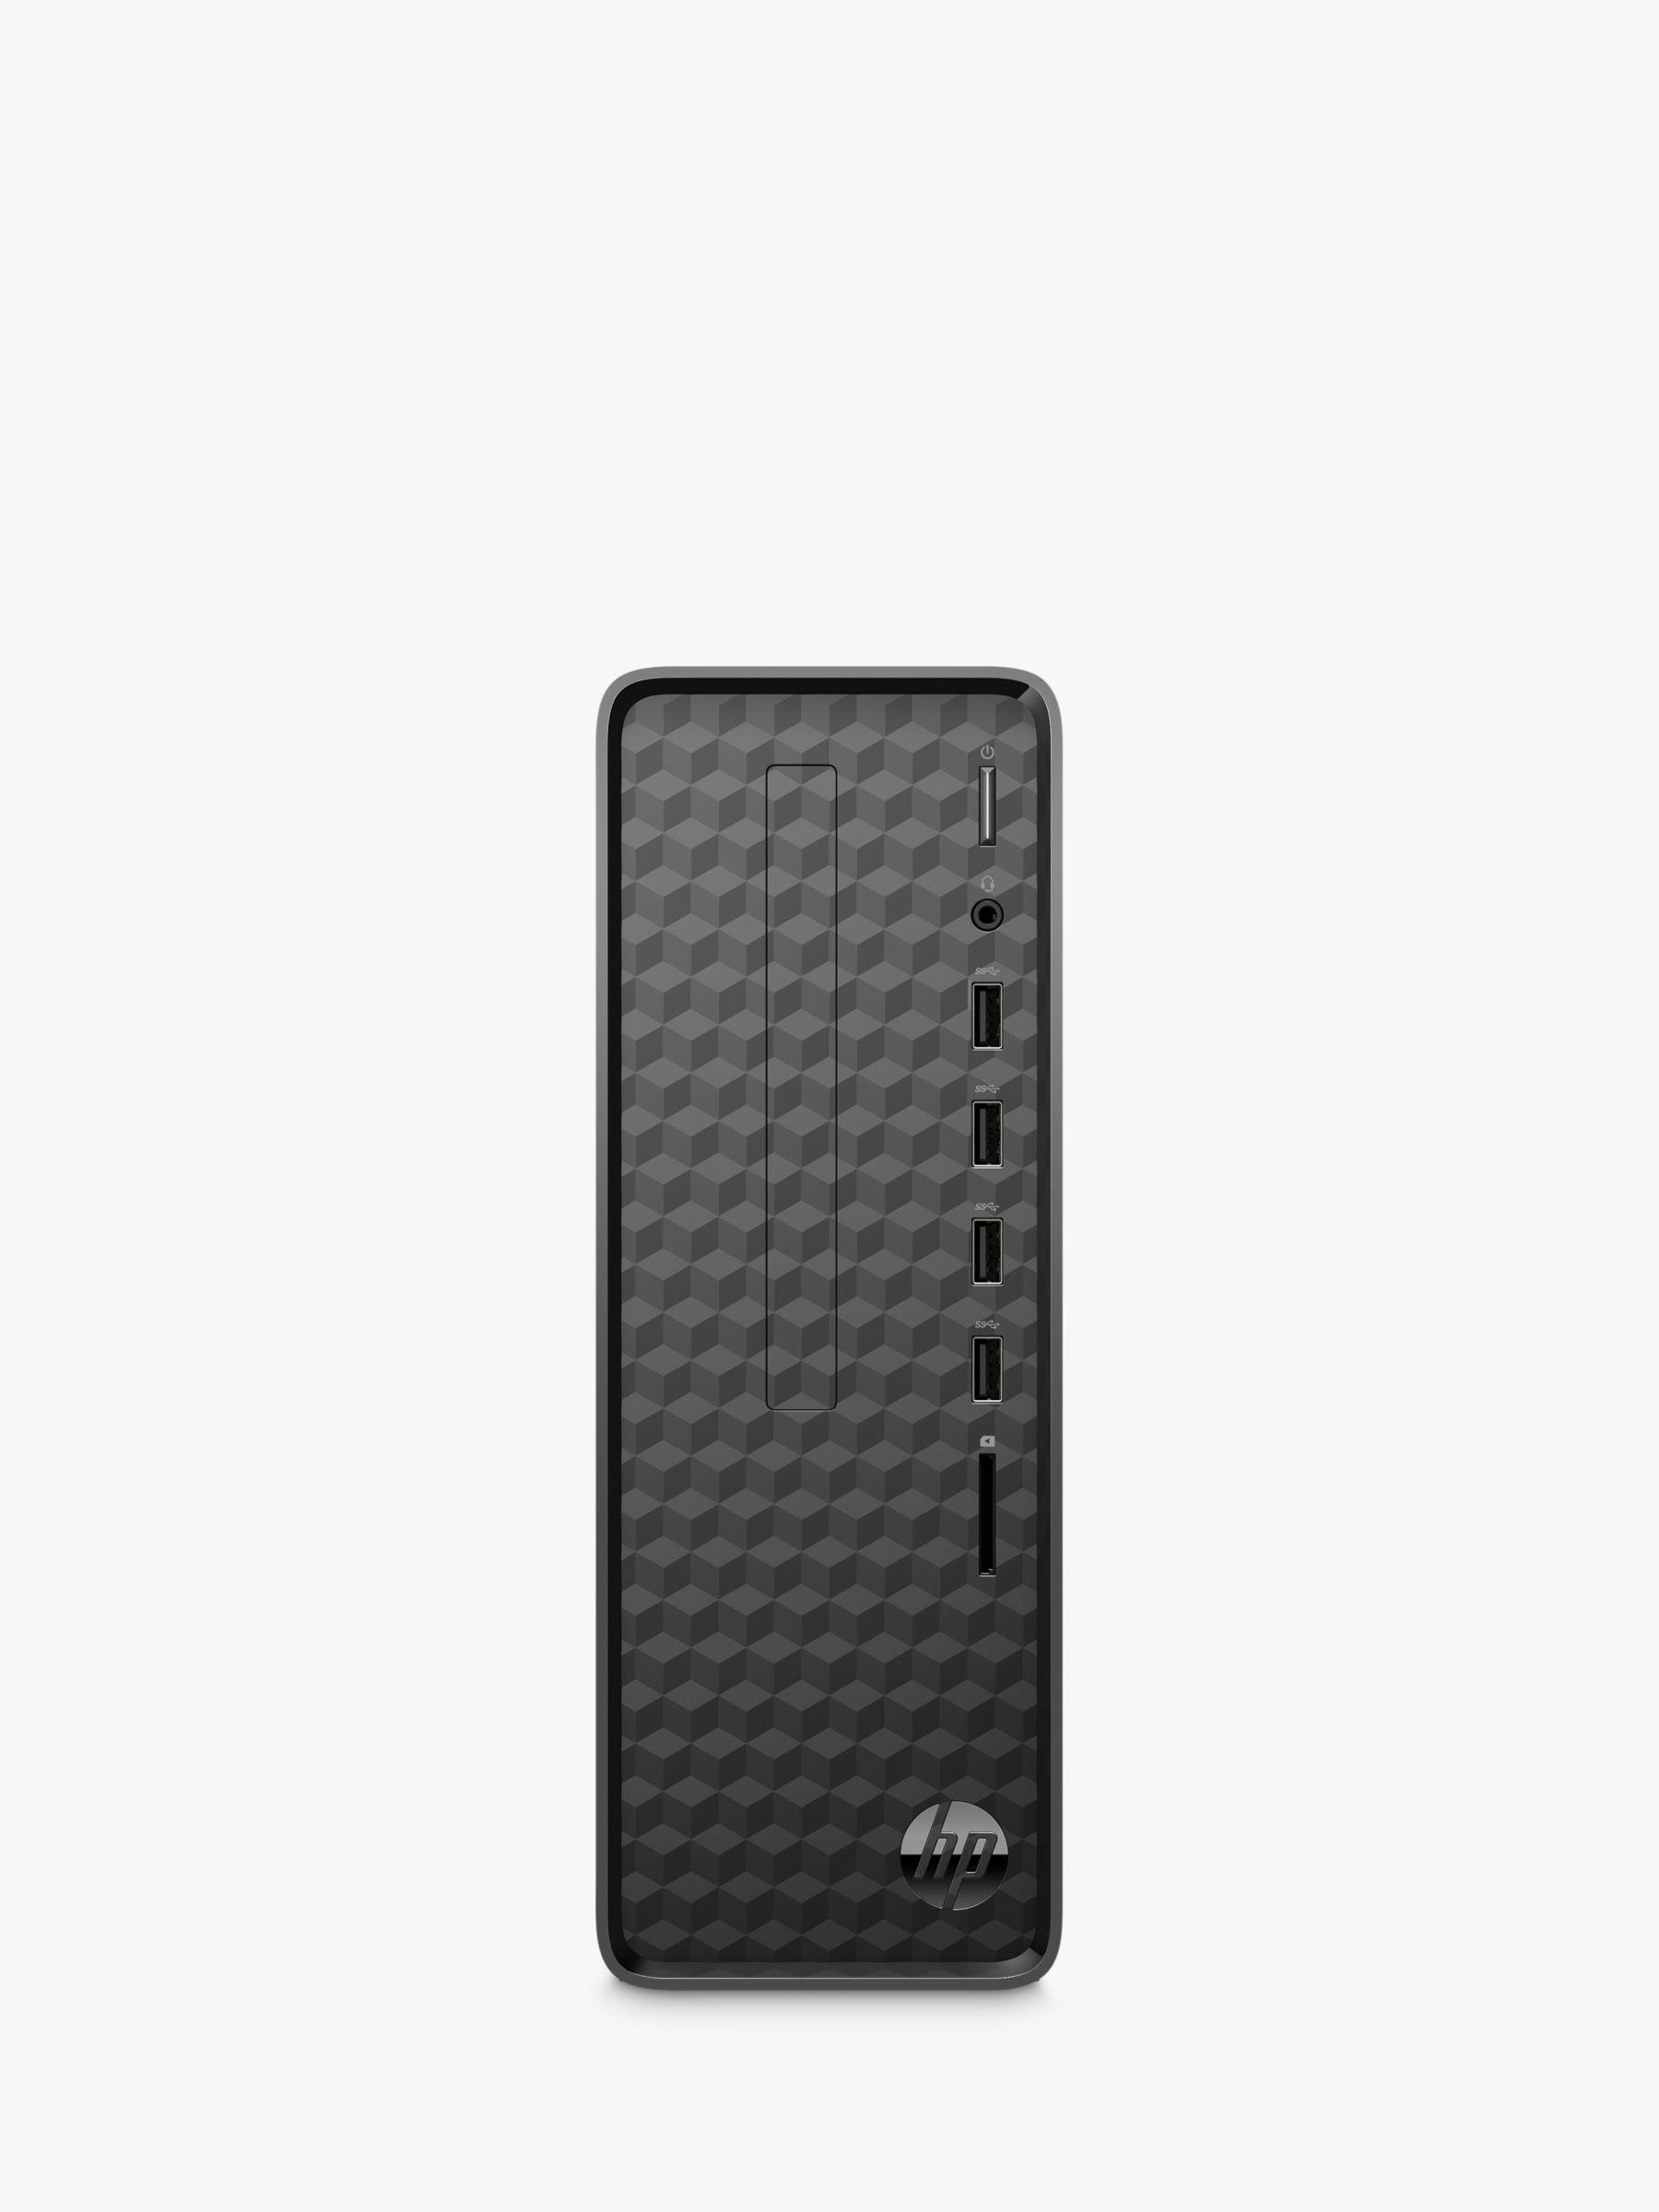 HP Slim S01-aF0008na Desktop PC, AMD Athlon Processor, 8GB RAM, 1TB HDD